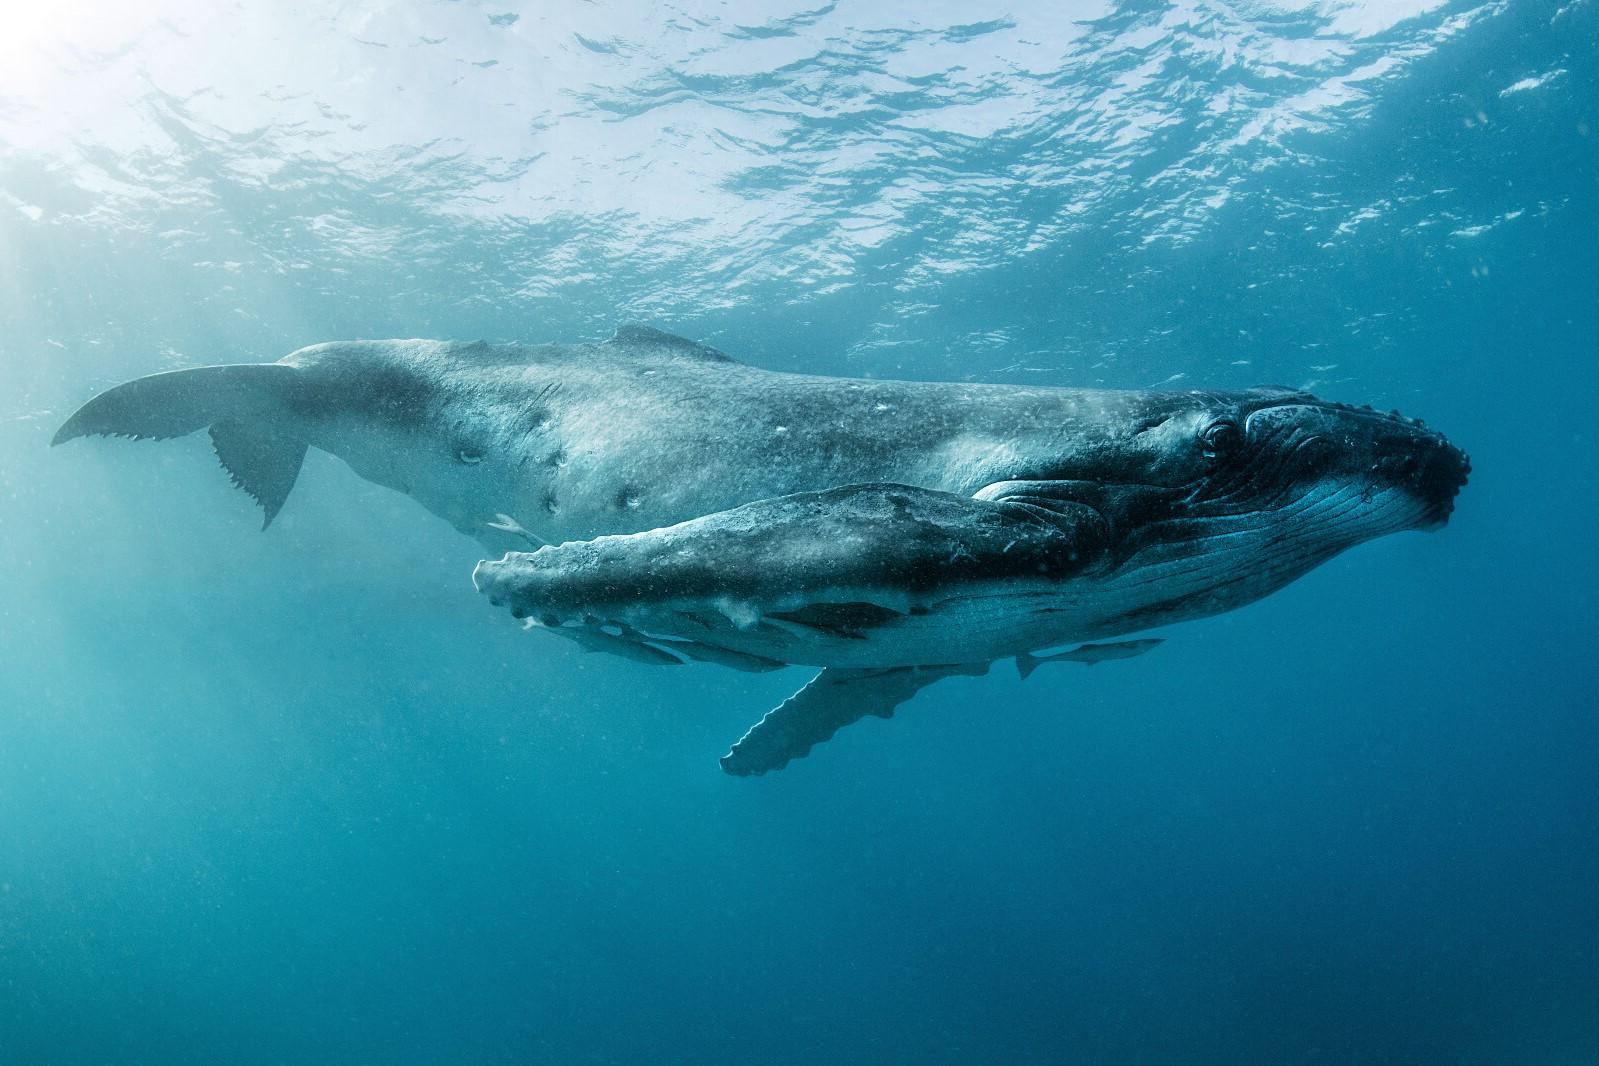 океанариум, интересное фото с китами считается дробь картечь